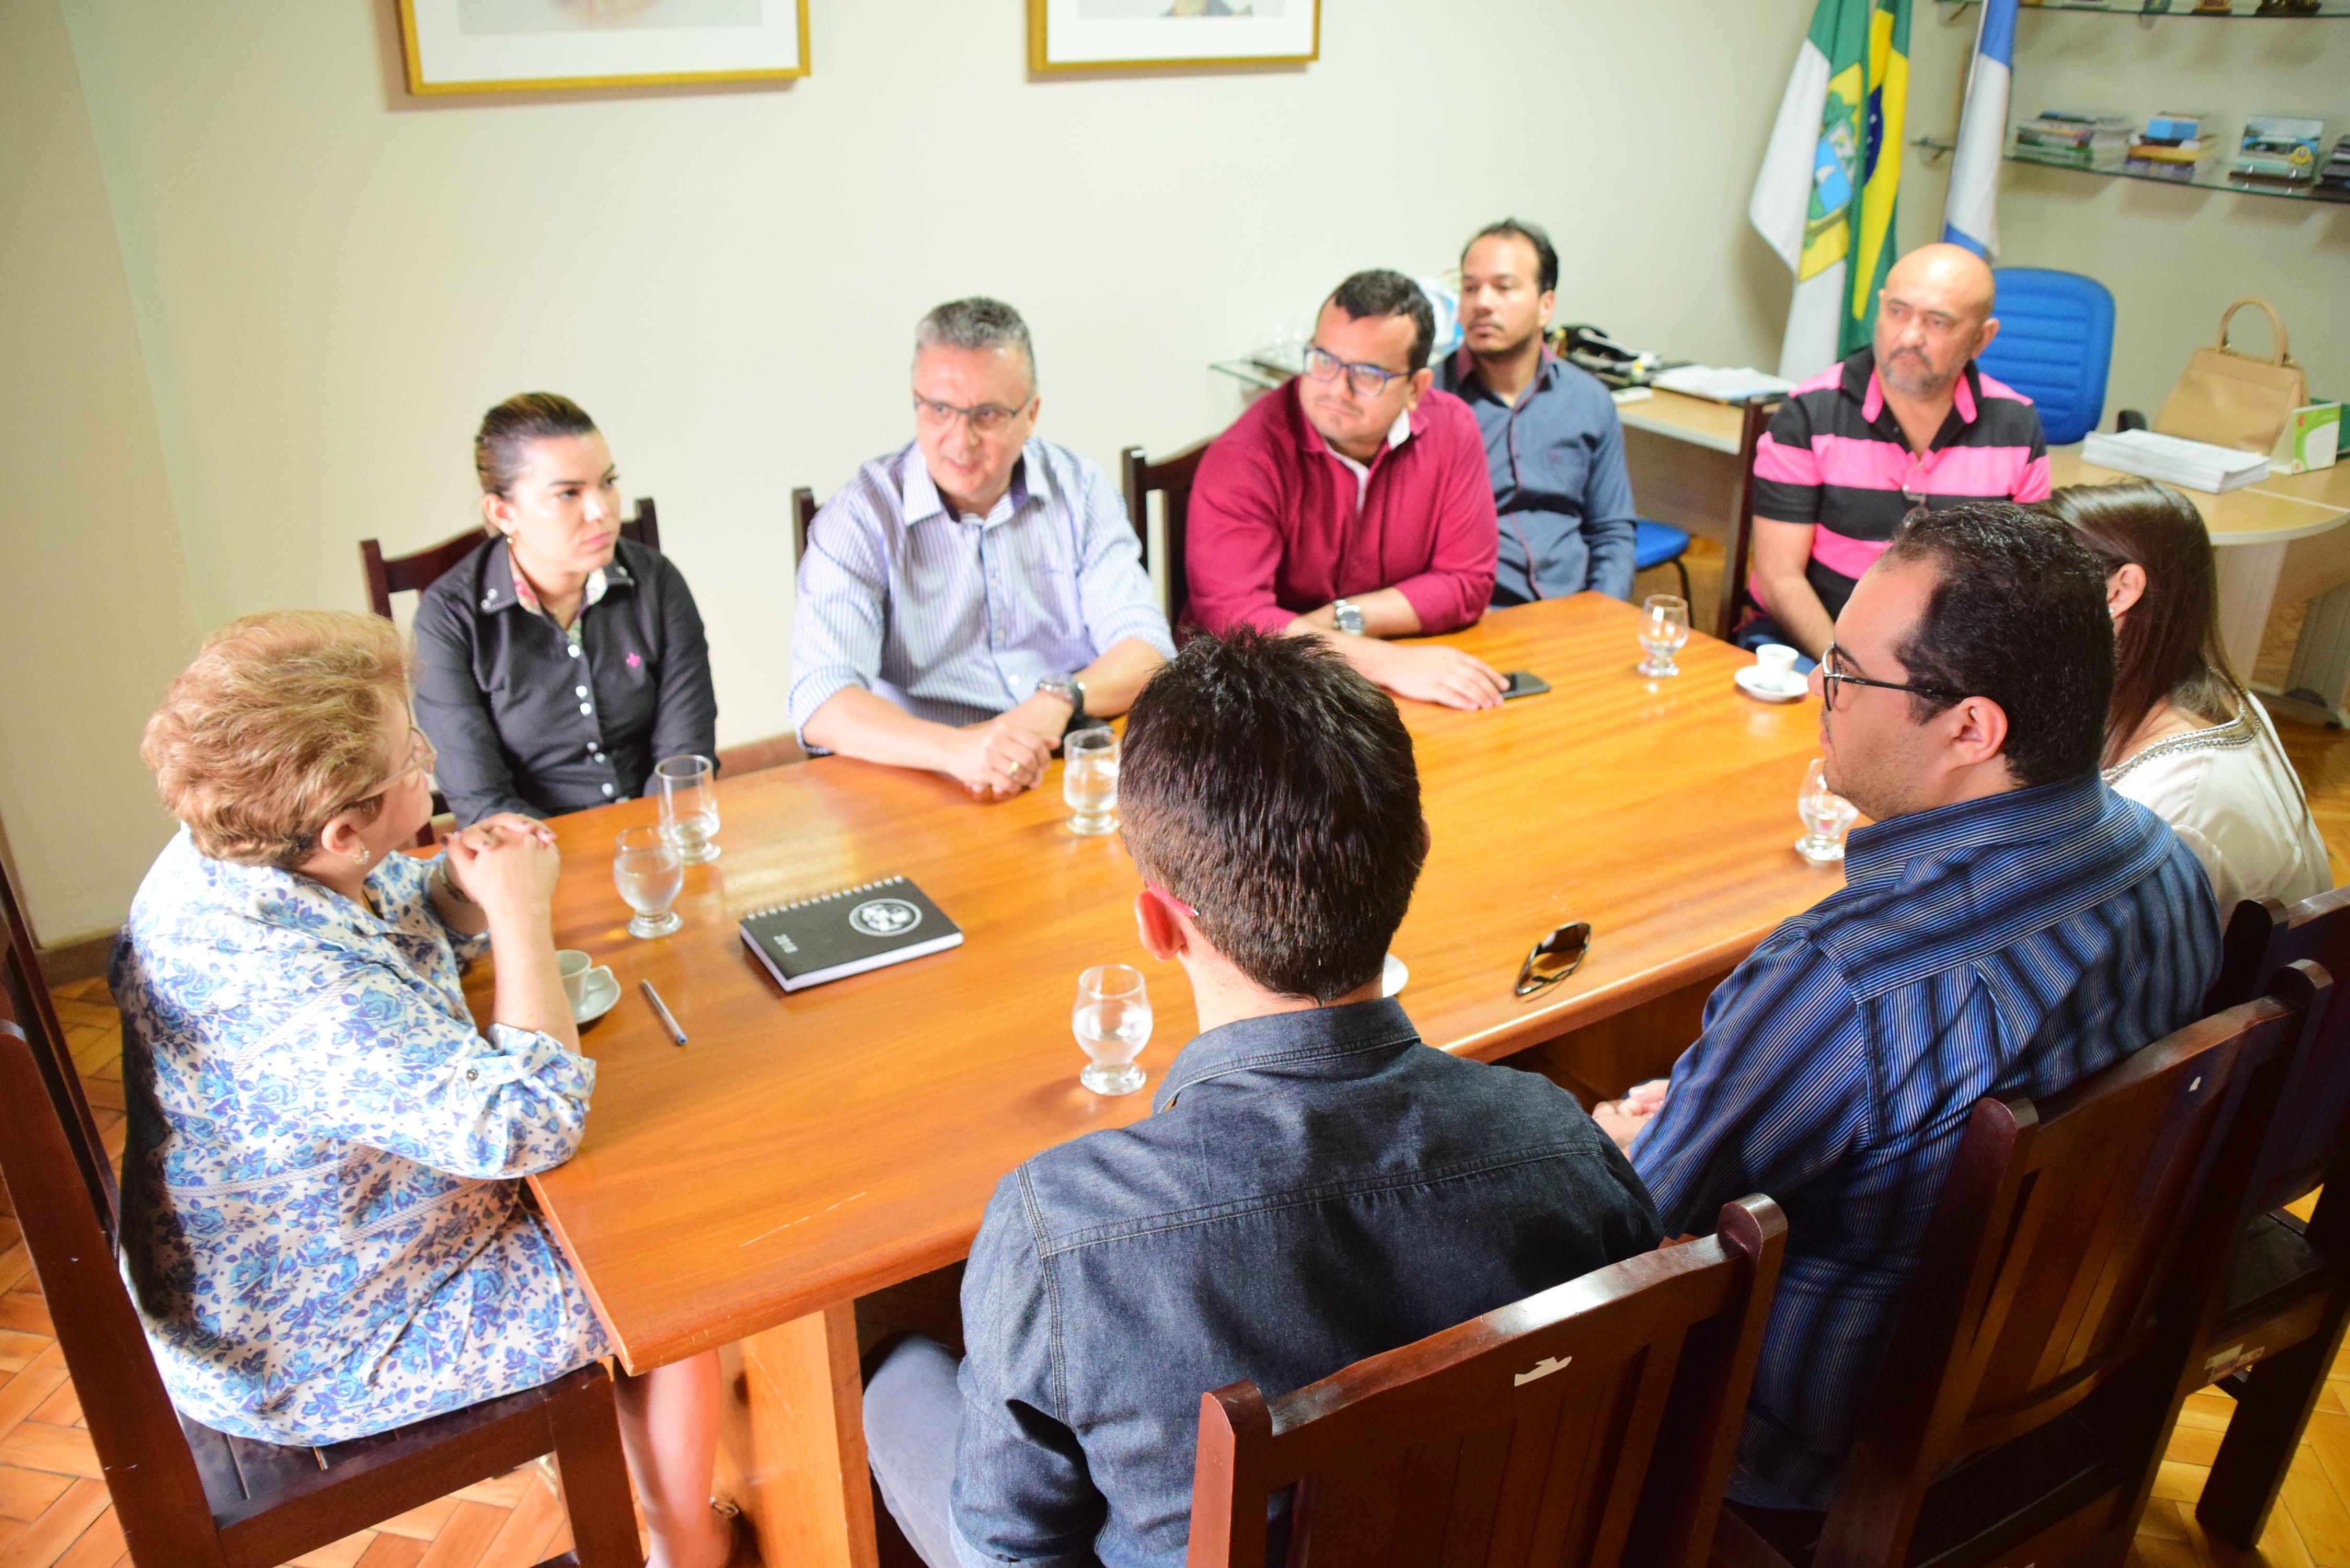 Câmara de Mossoró e Uern planejam convênio para auditoria no Legislativo